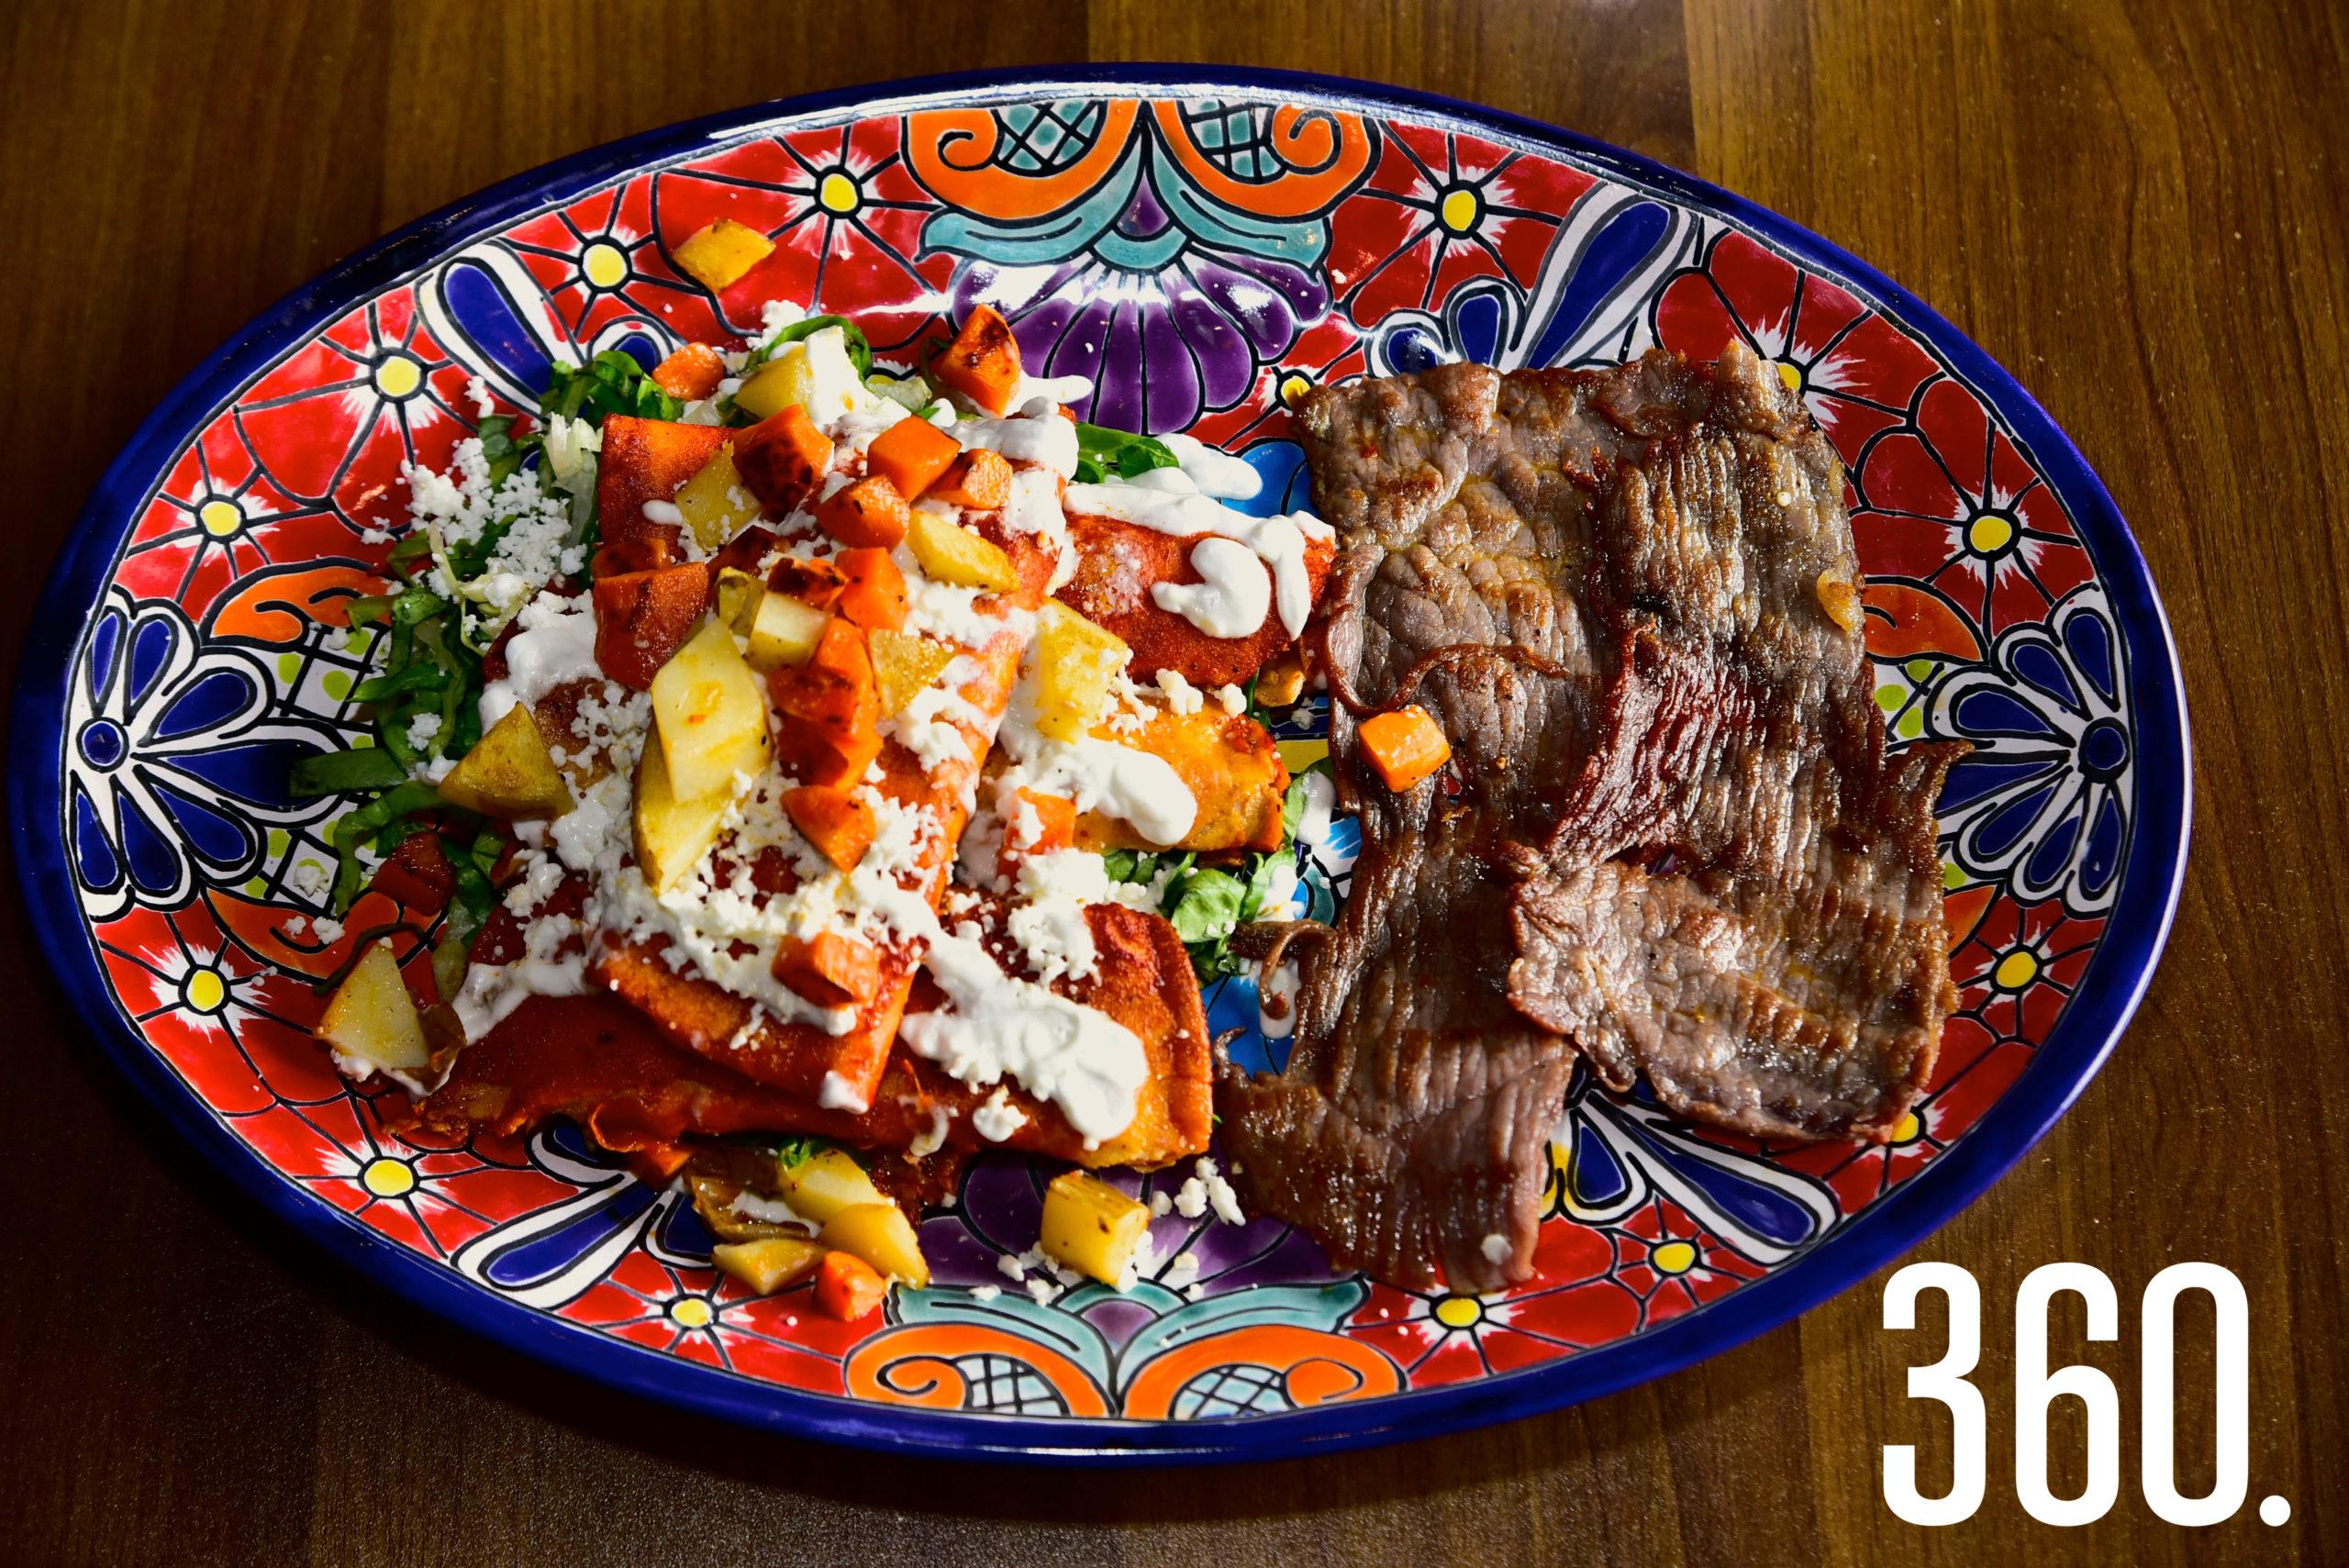 El lugar donde los sabores de todas las regiones de México se fusionan.